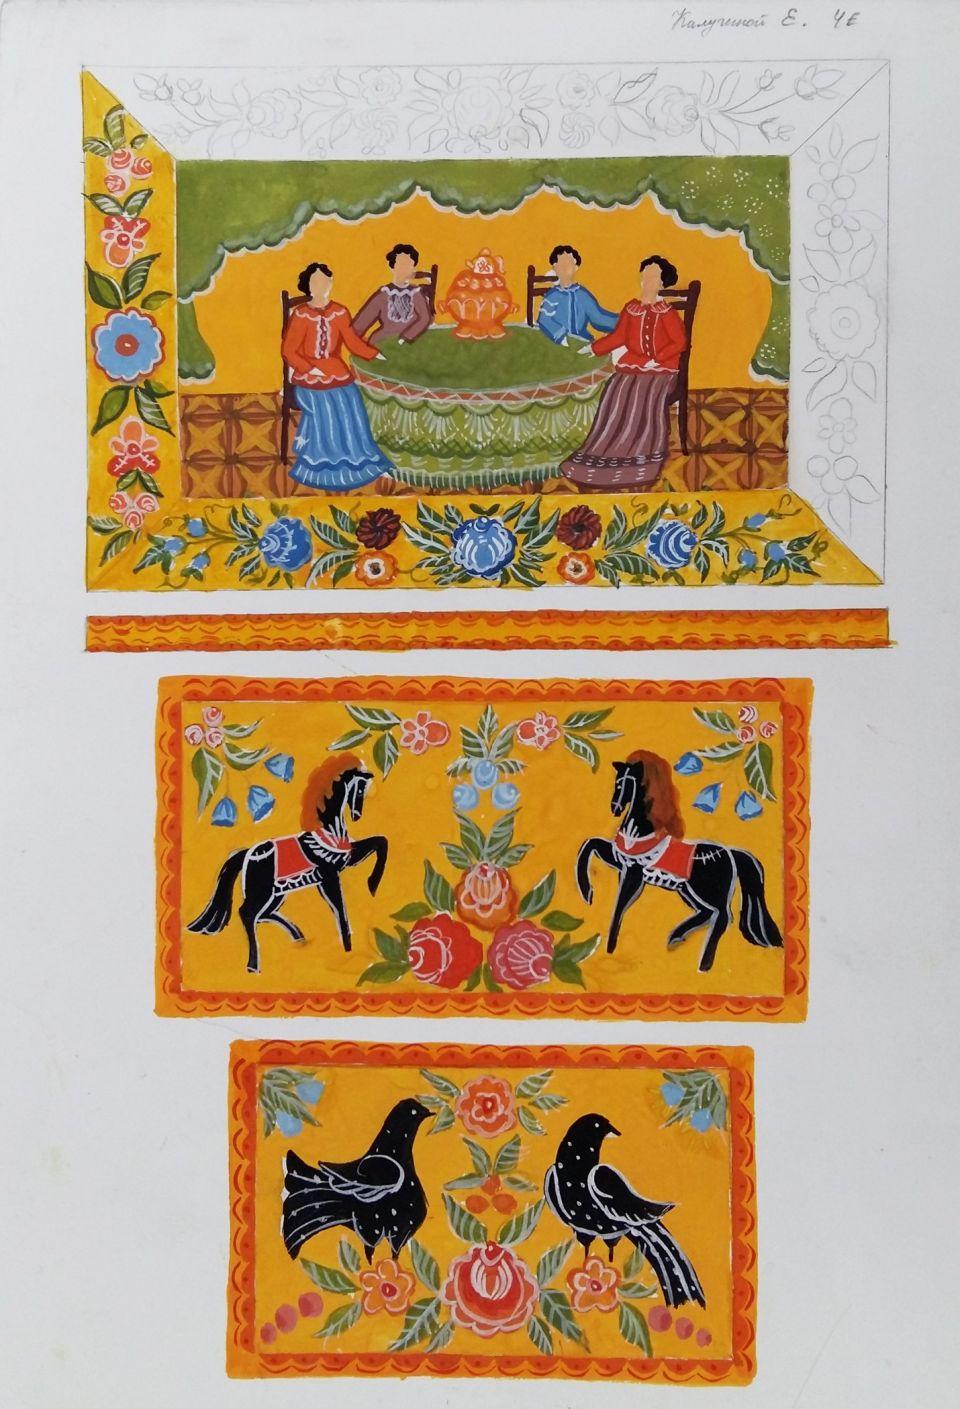 Елизавета Калугина, 15 лет <br />Эскиз росписи деревянной шкатулки. Бумага, гуашь